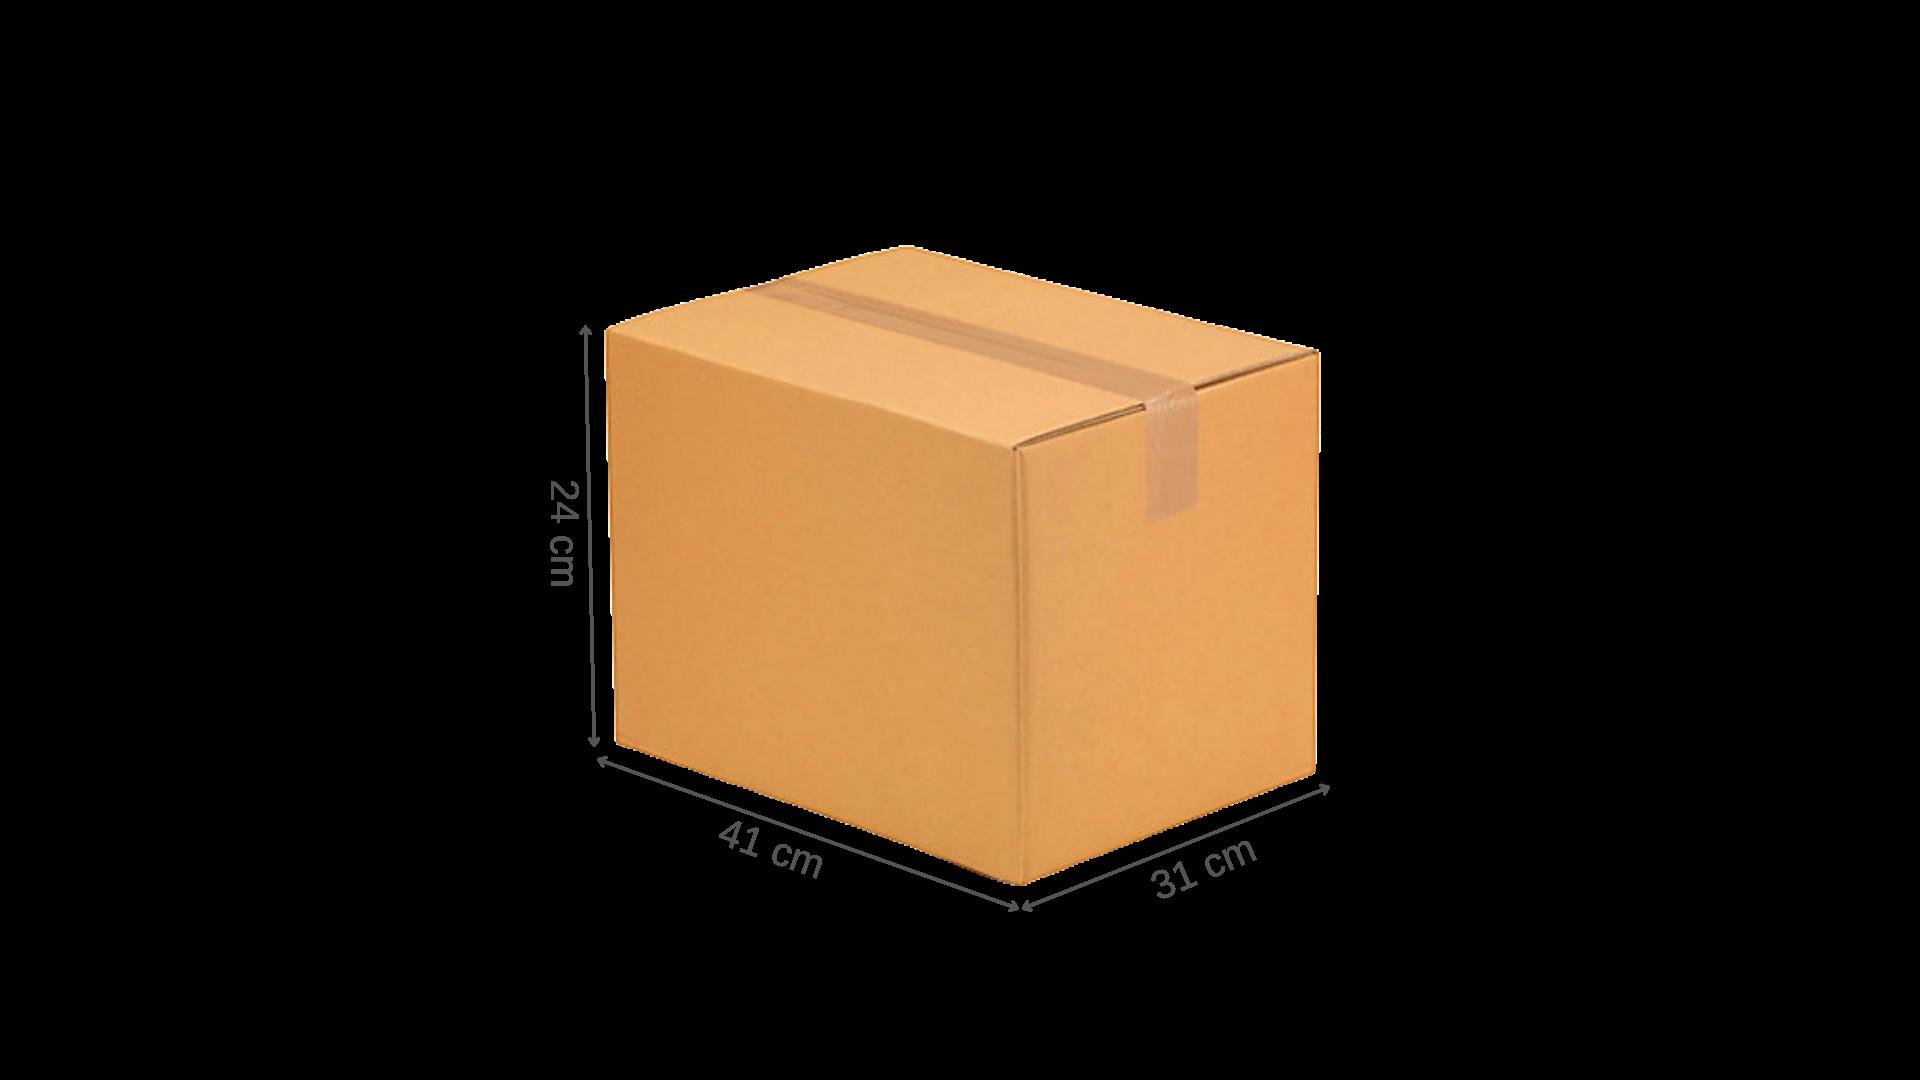 Carton double cannelure 41x31x24 cm